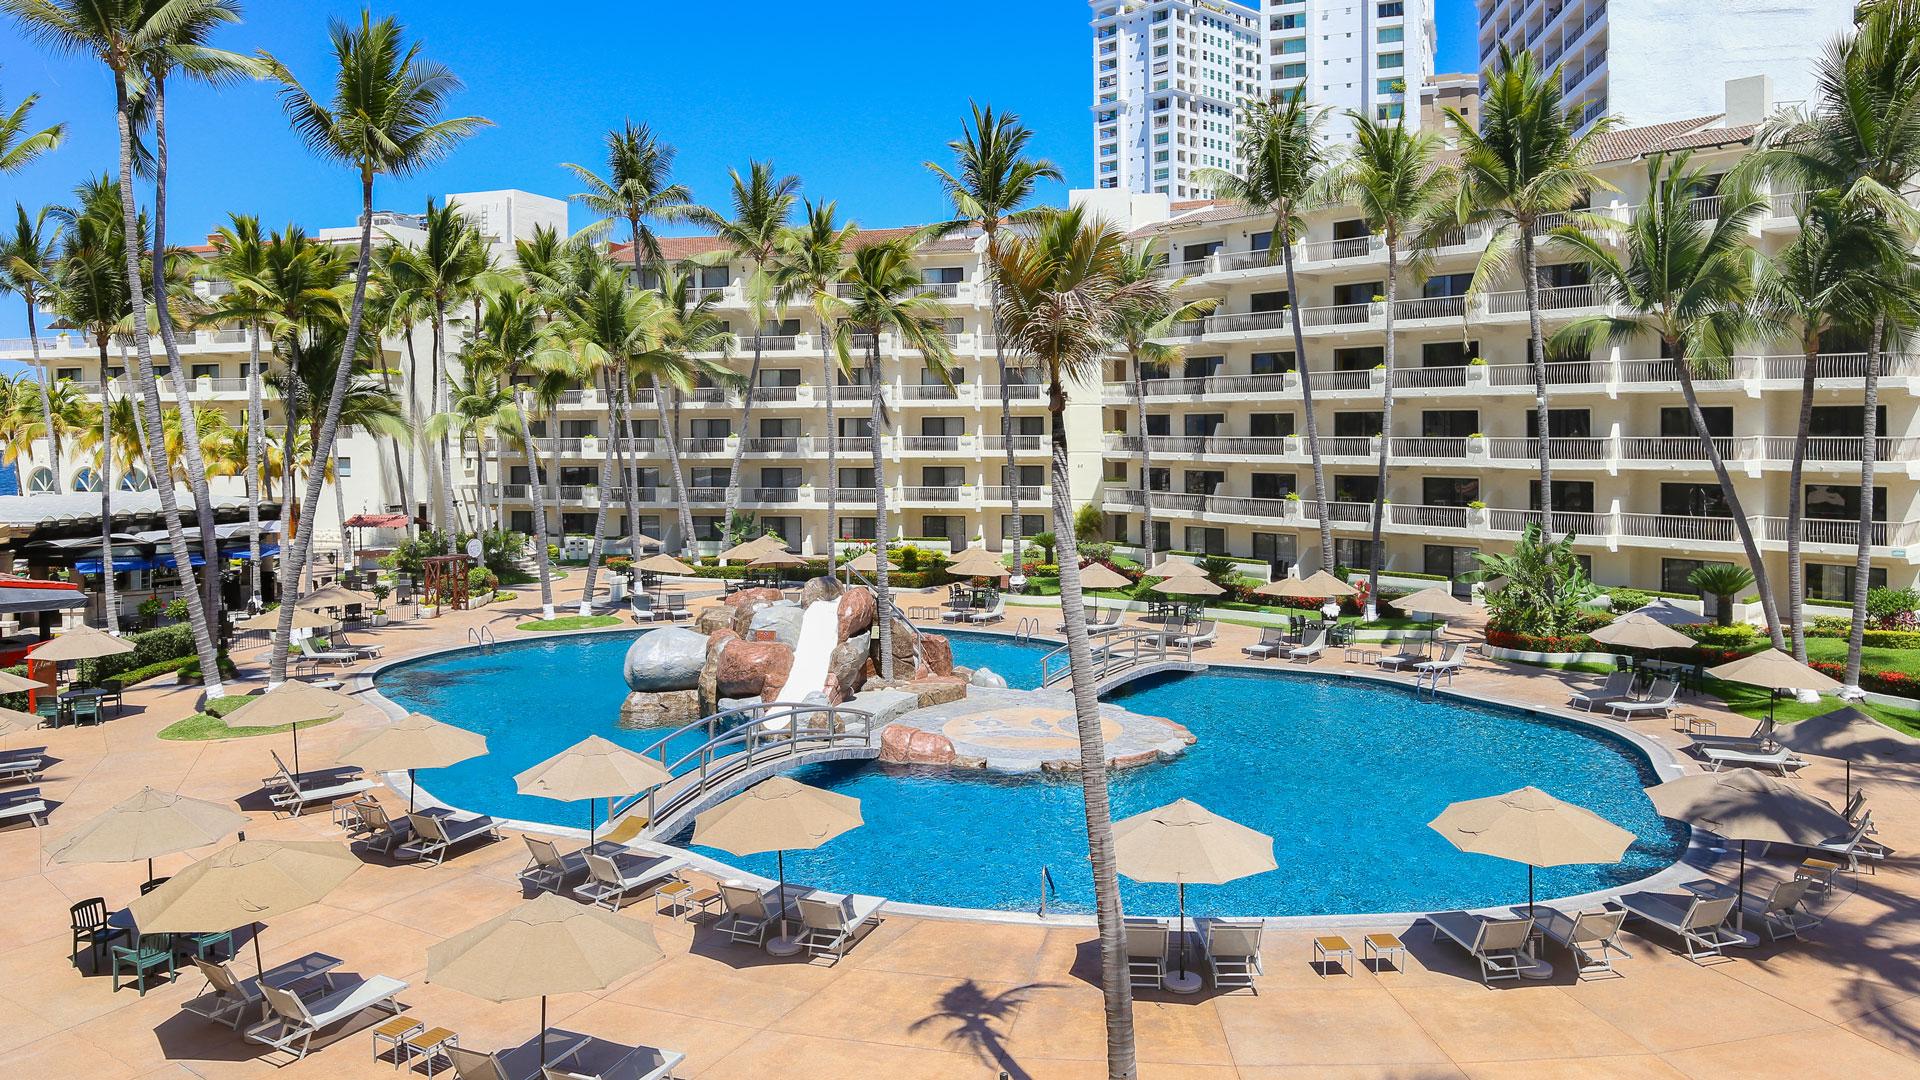 Villa del palmar puerto vallarta pool 2